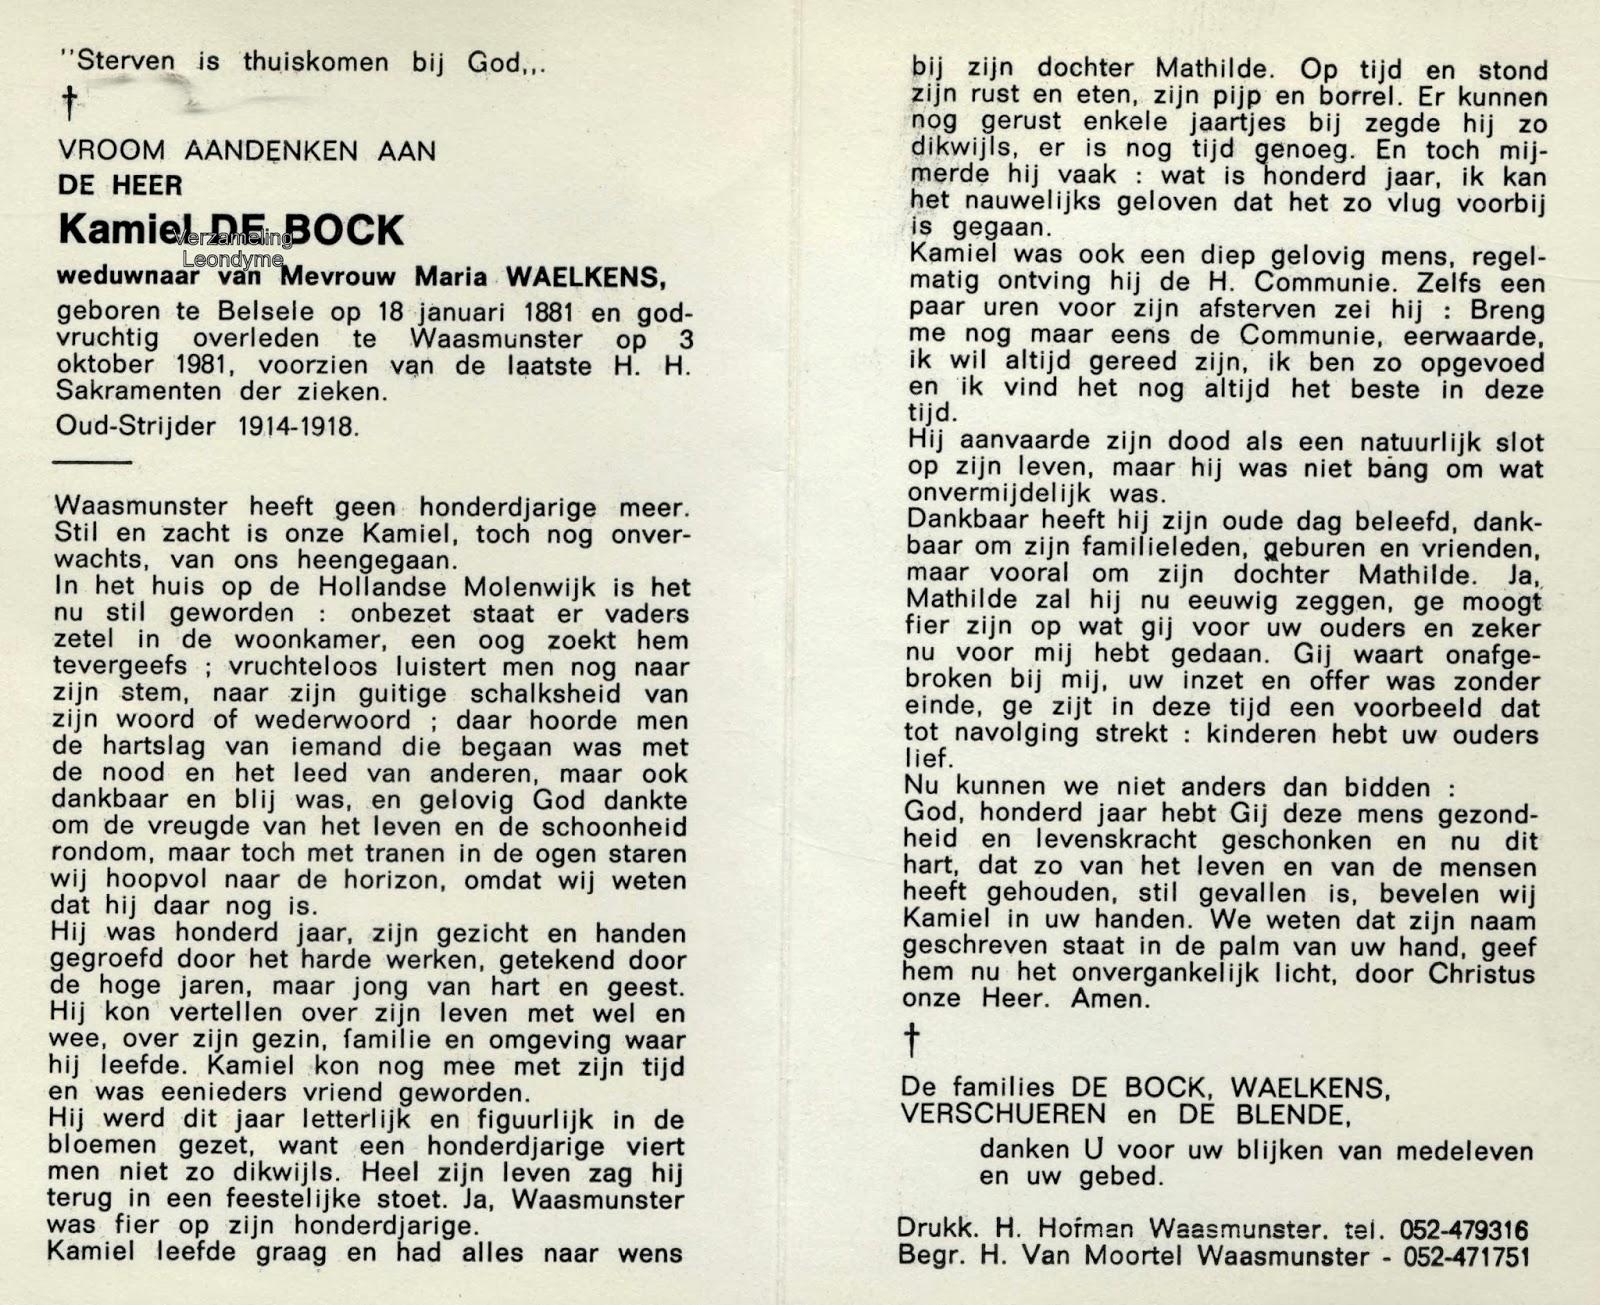 Bidprentje, Kamiel De Bock 1881-1991. Verzameling Leondyme